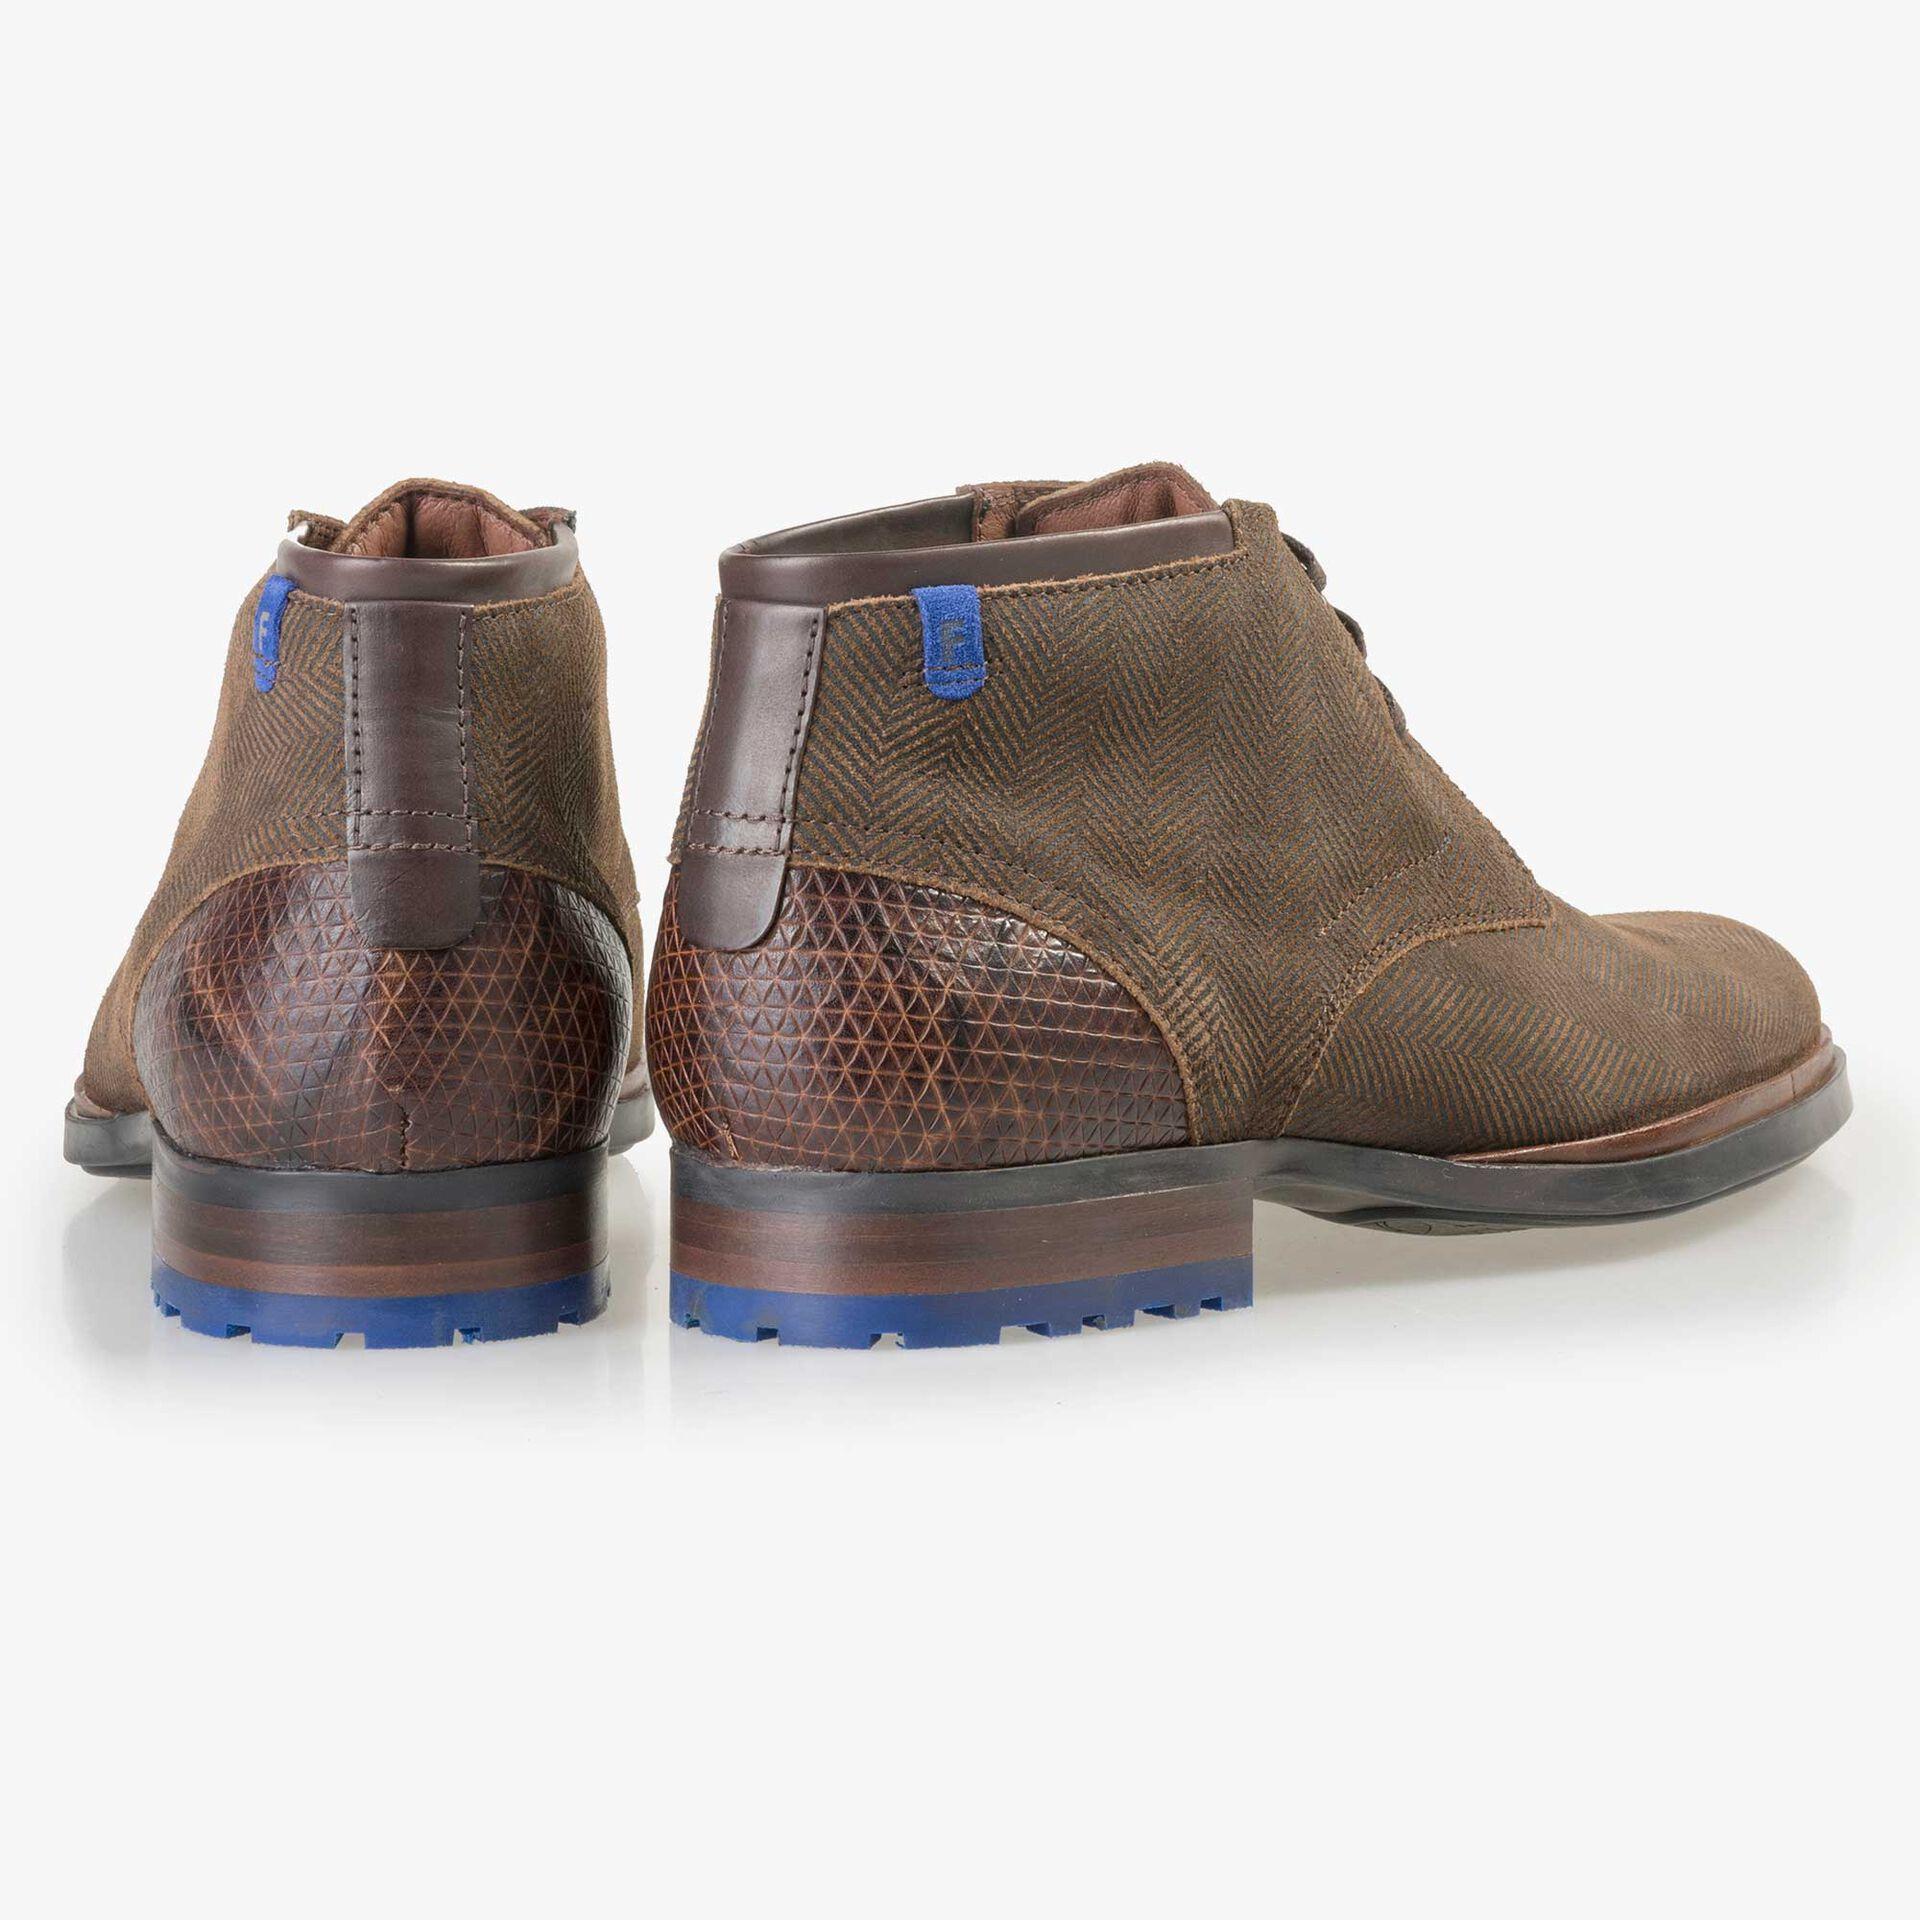 Floris van Bommel men's brown suede leather lace boot